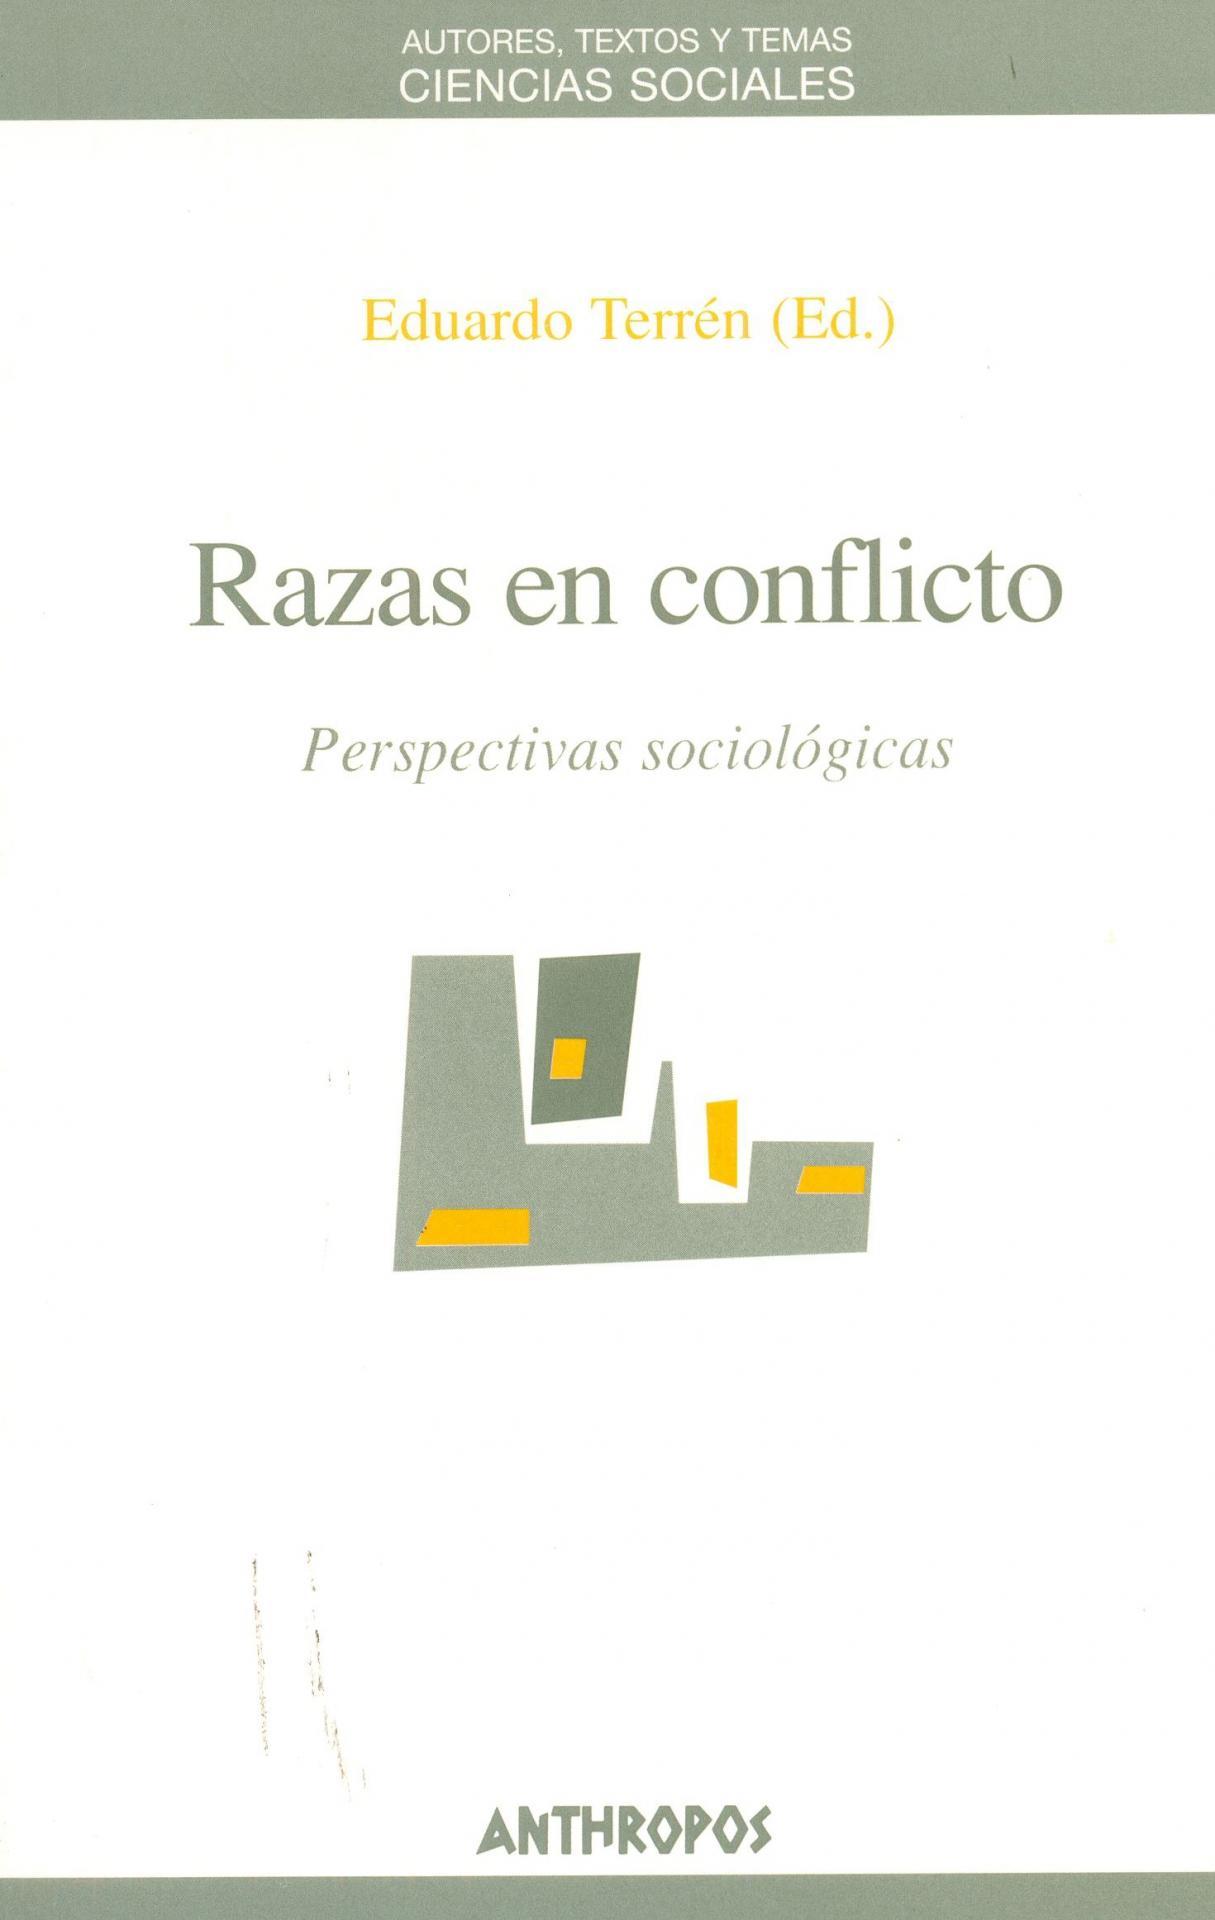 RAZAS EN CONFLICTO. Perspectivas sociológicas. Terrén, E.